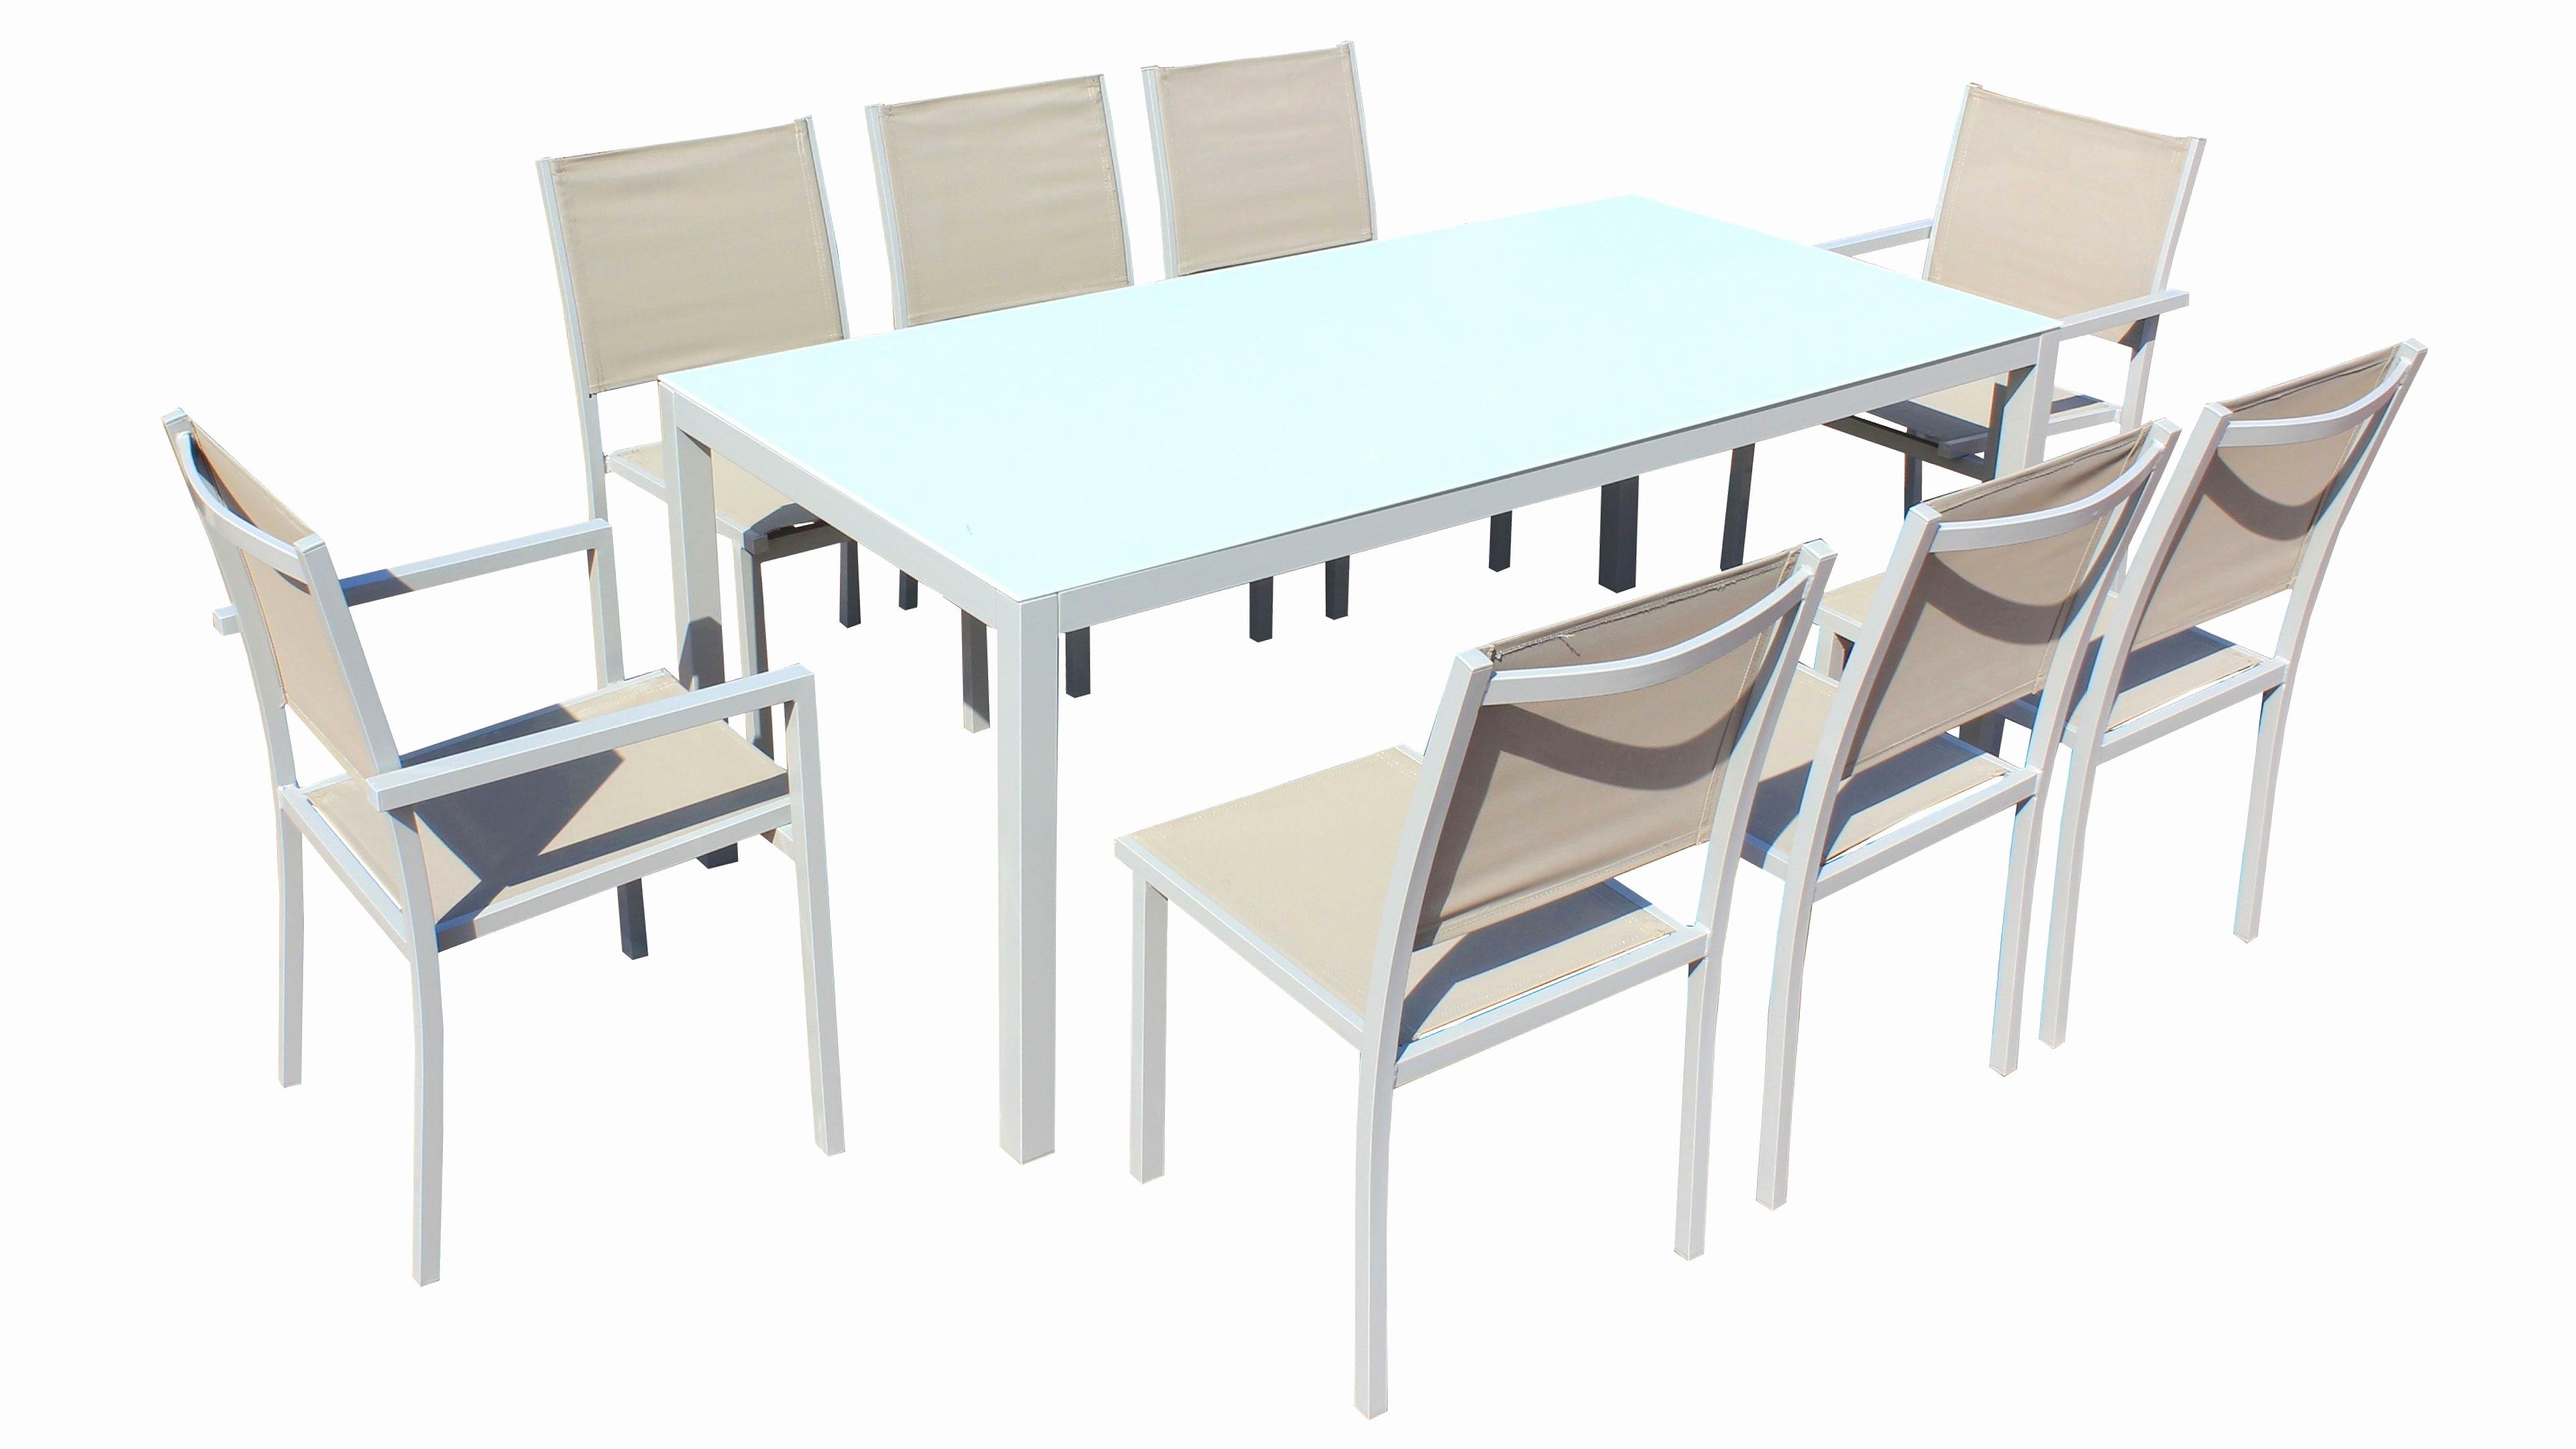 Table Basse Amazon Unique Galerie Le Au Maximum Etourdissant Table Jardin Design Idée Dans La